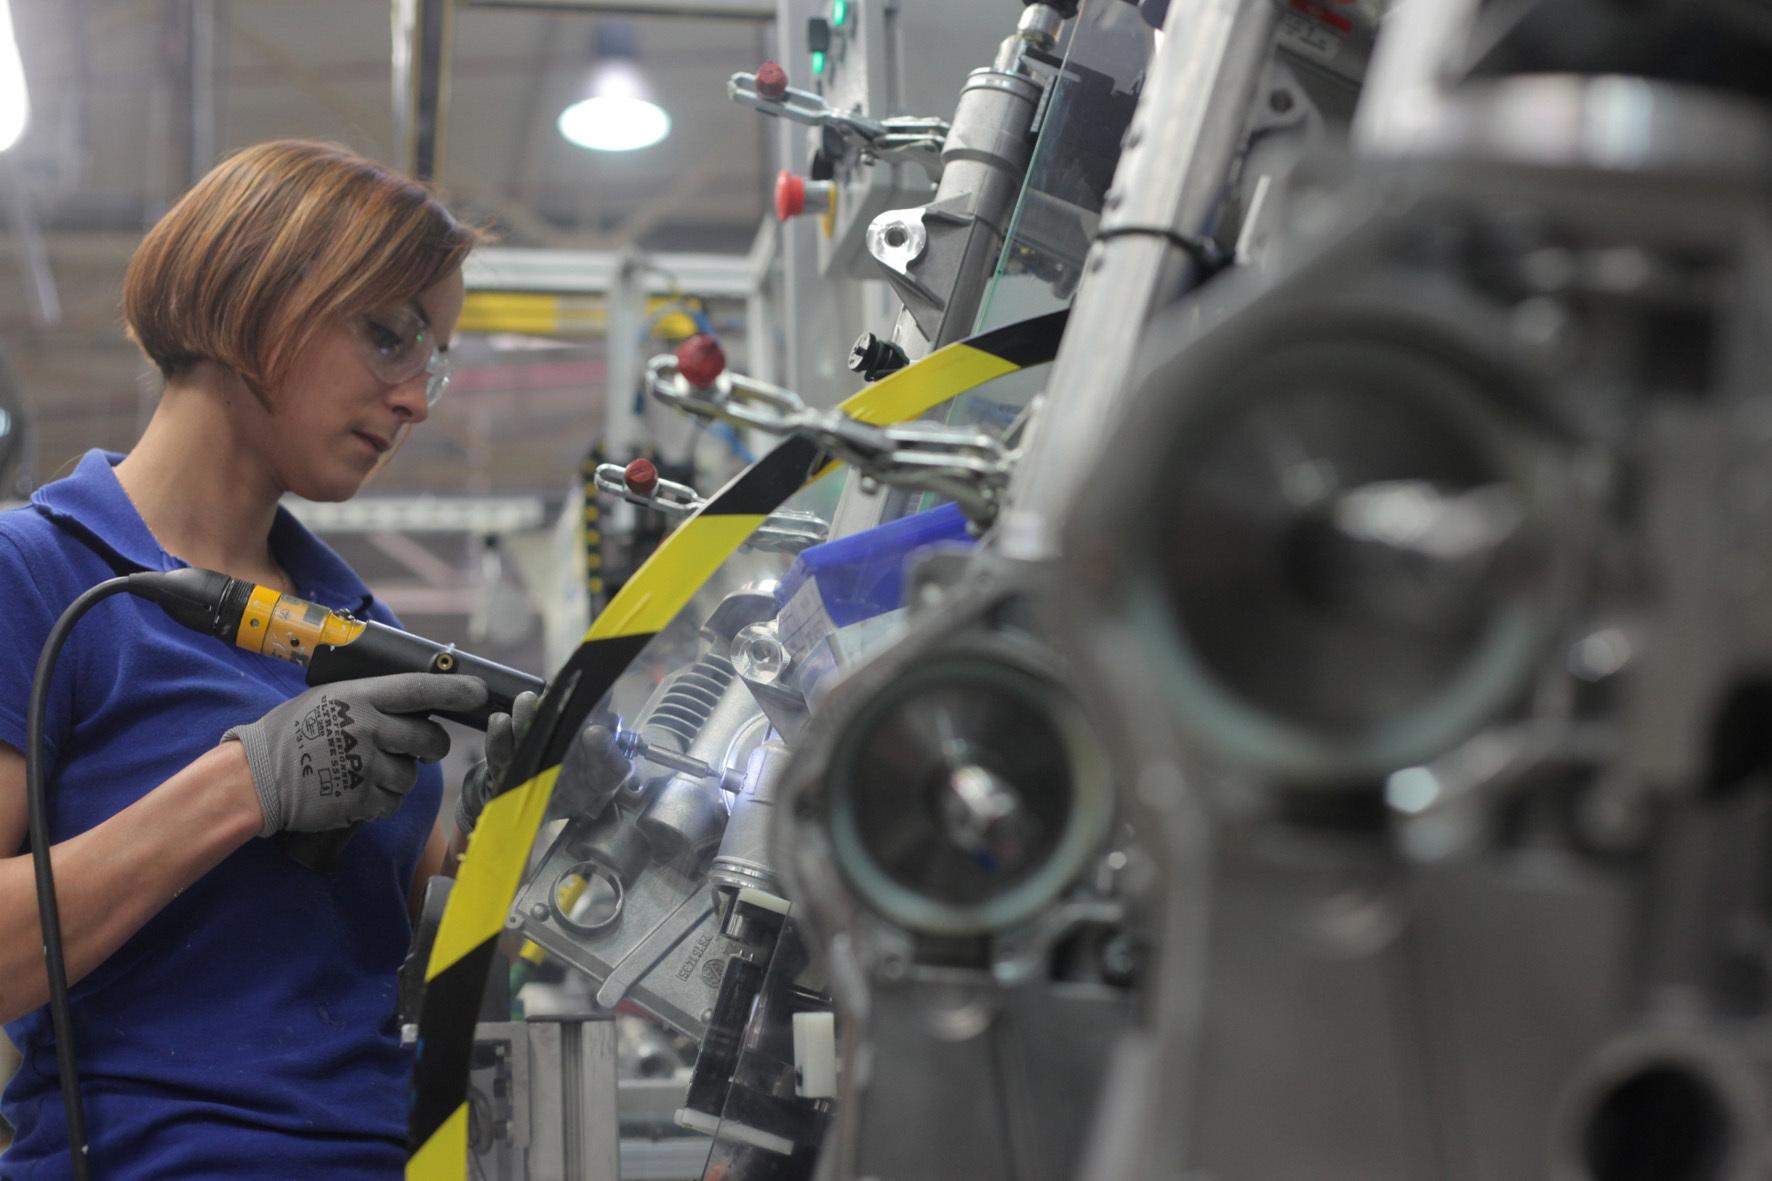 mid Tychy/Polen - Die Schraube sitzt: Nexteer Automotive beliefert global mehr als 50 Fahrzeug-Hersteller mit Lenkungs- und Antriebssystemen.